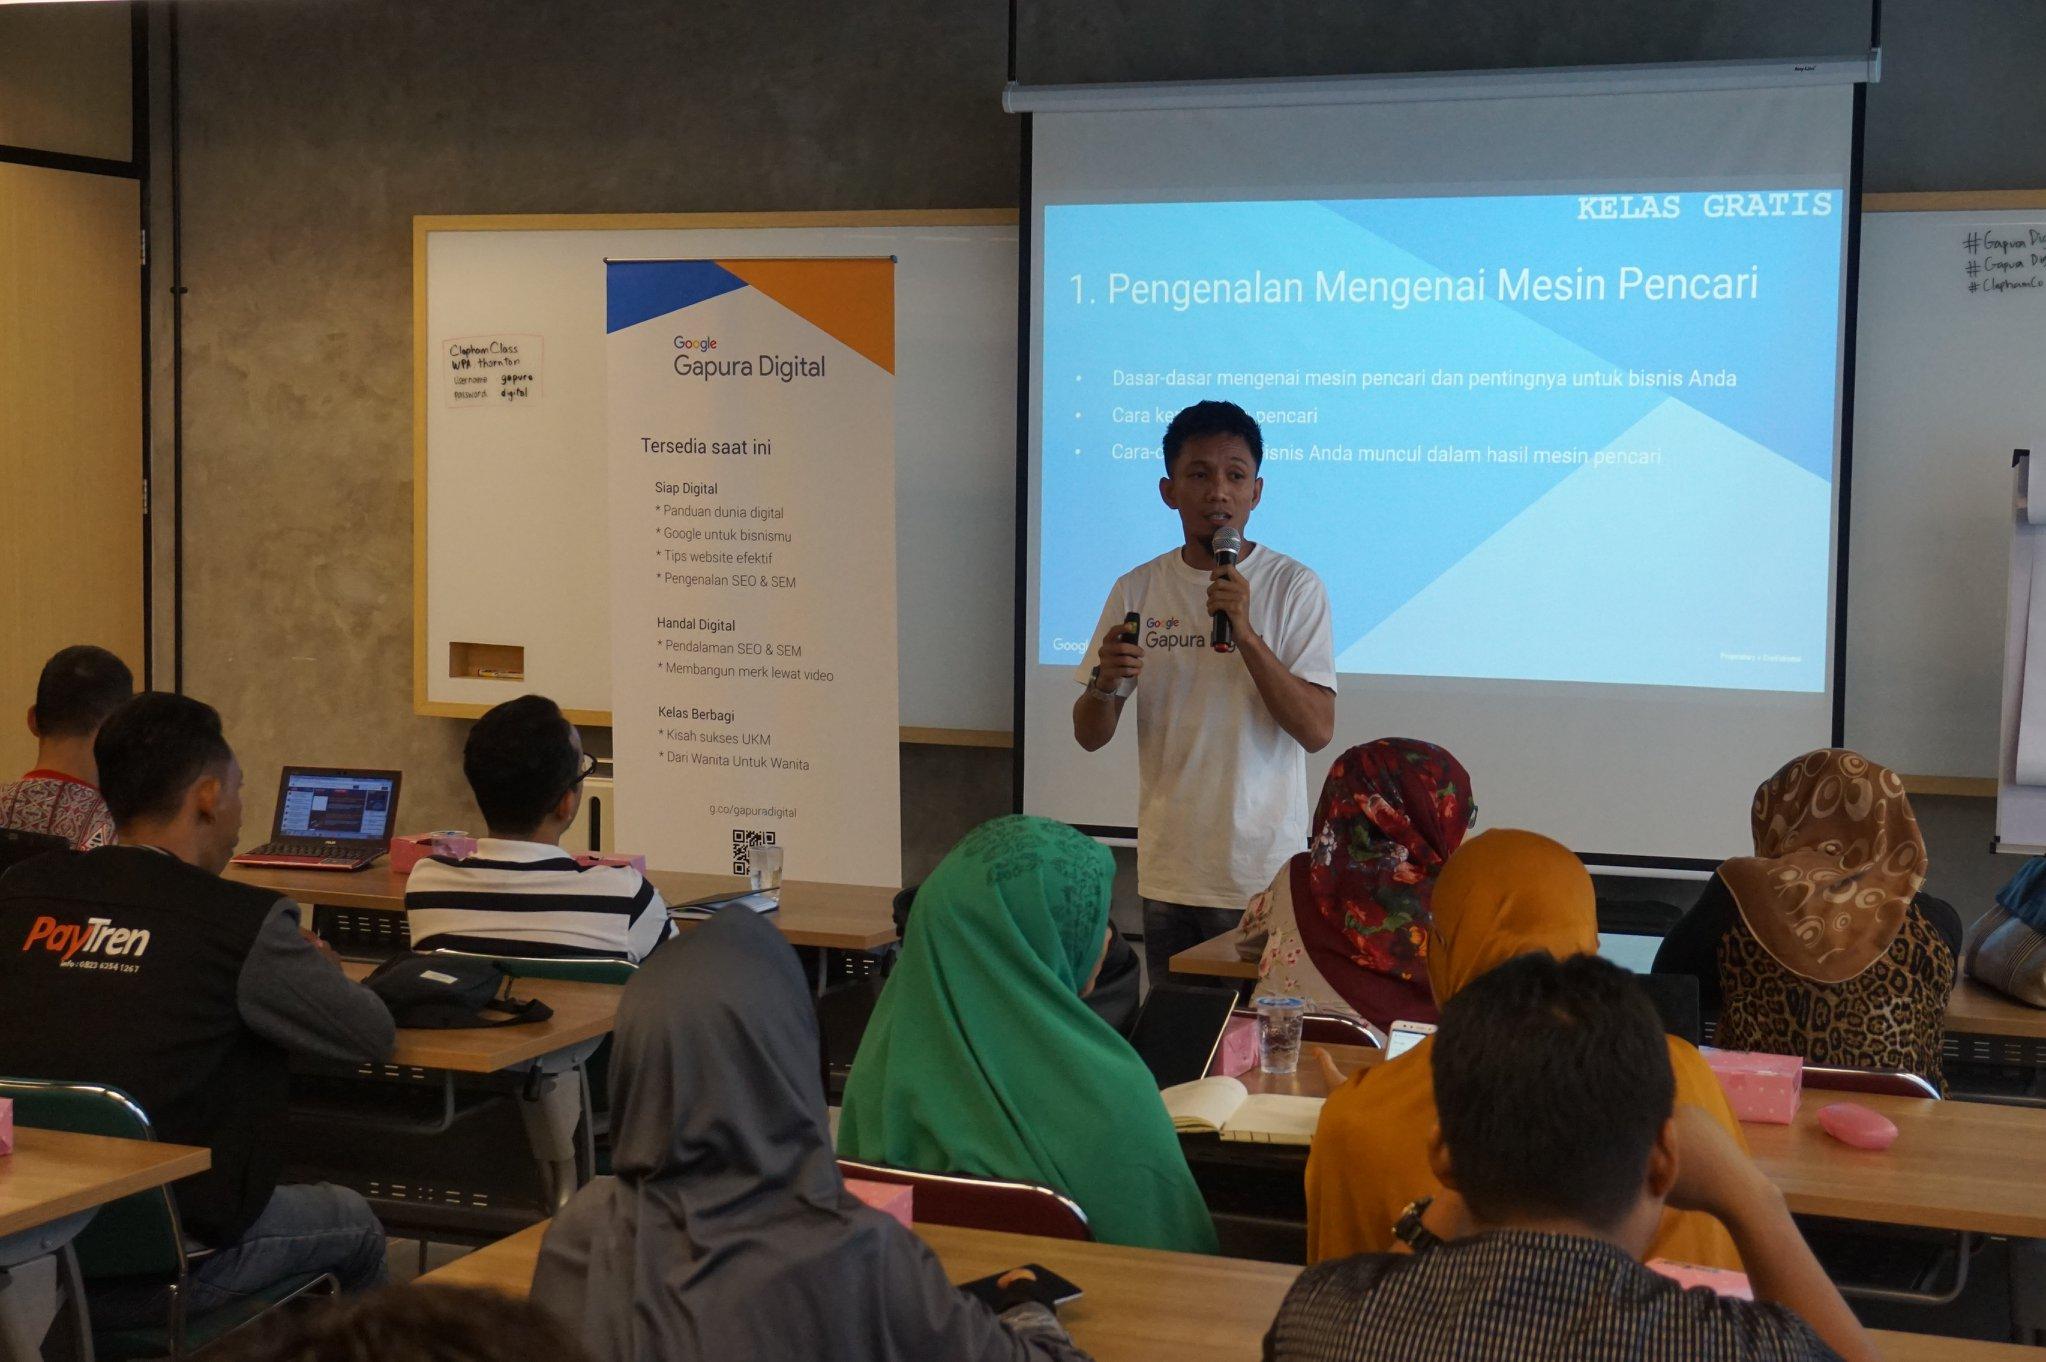 Wahyu Blahe Fasilitator Gapura Digital Medan